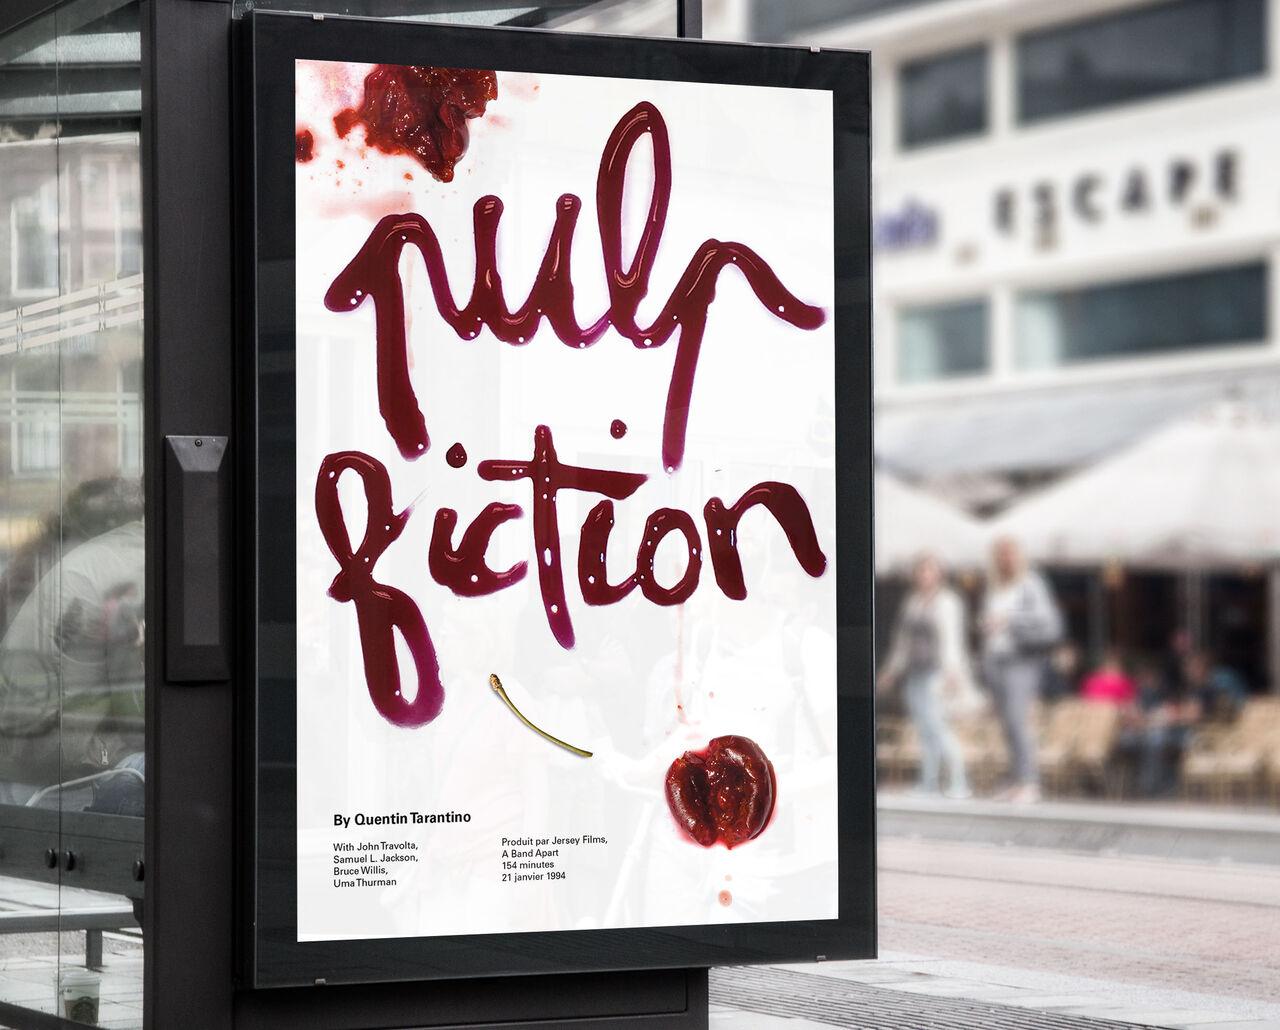 Affiche re-visitée de Pulp Fiction